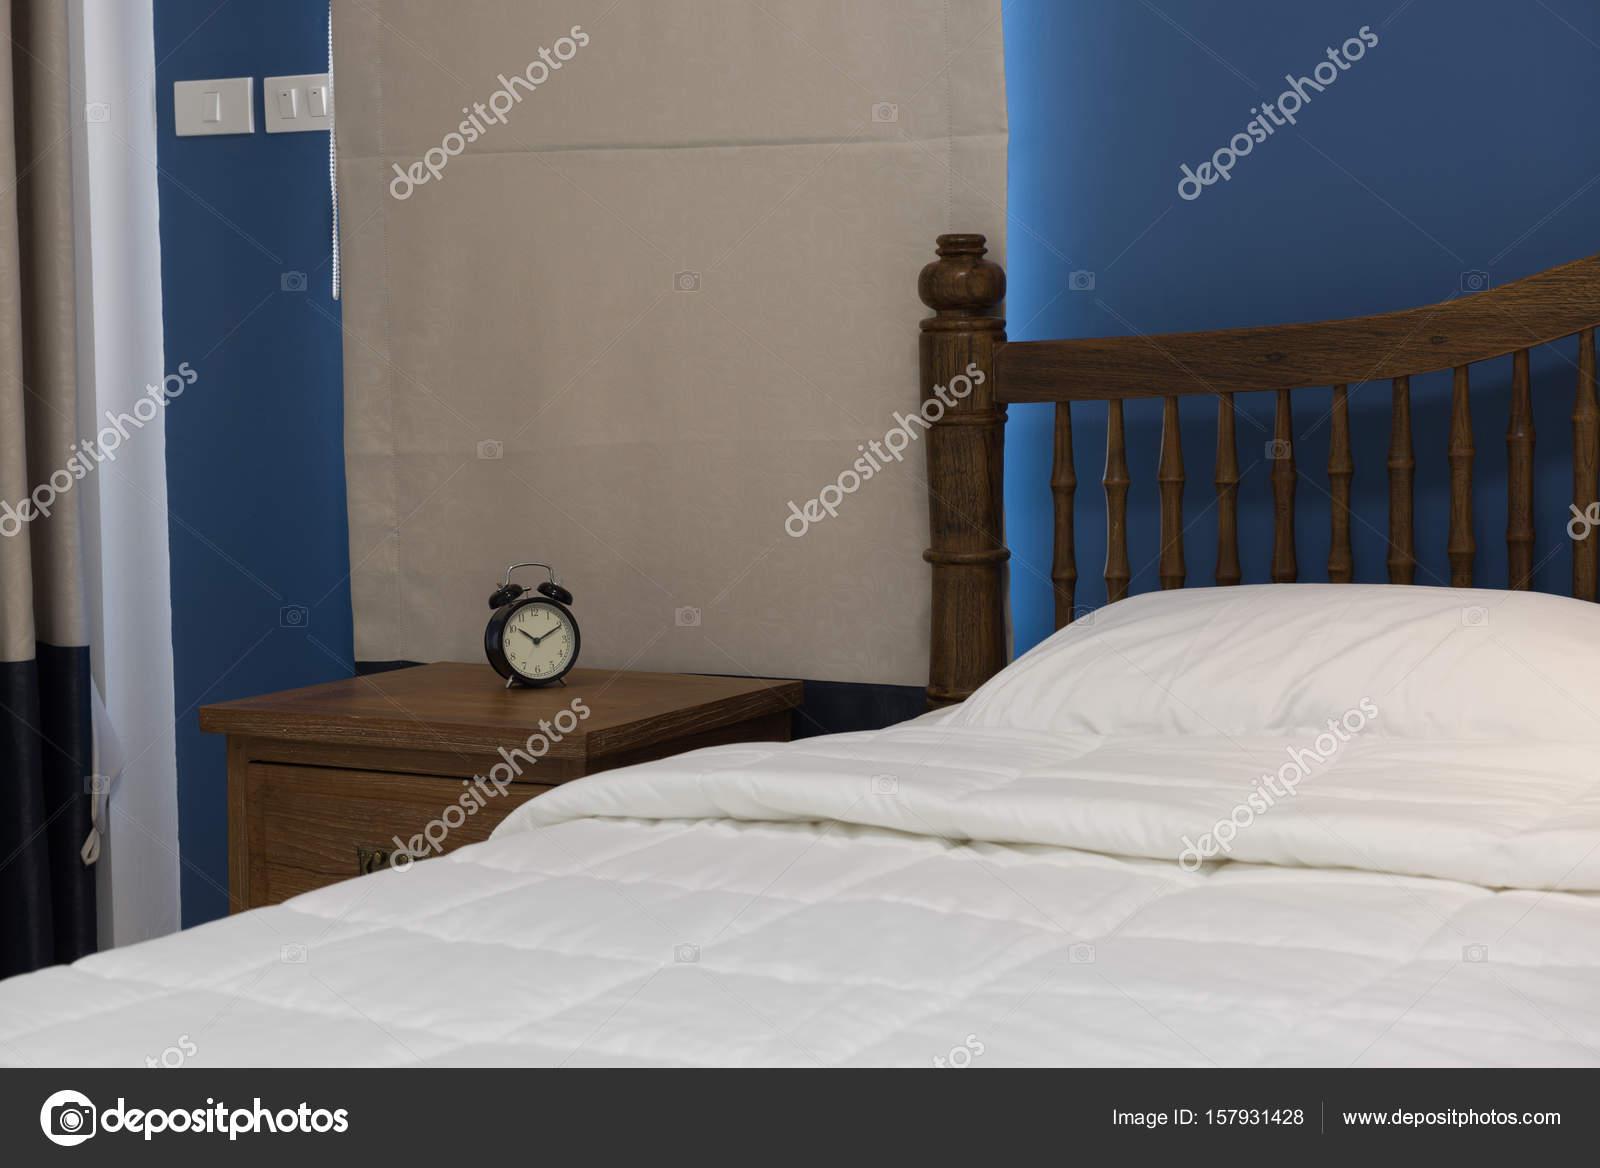 Perfekt Moderne Blaue Schlafzimmer Mit Grauen Vorhang Und Wecker Auf Holz U2014  Stockfoto